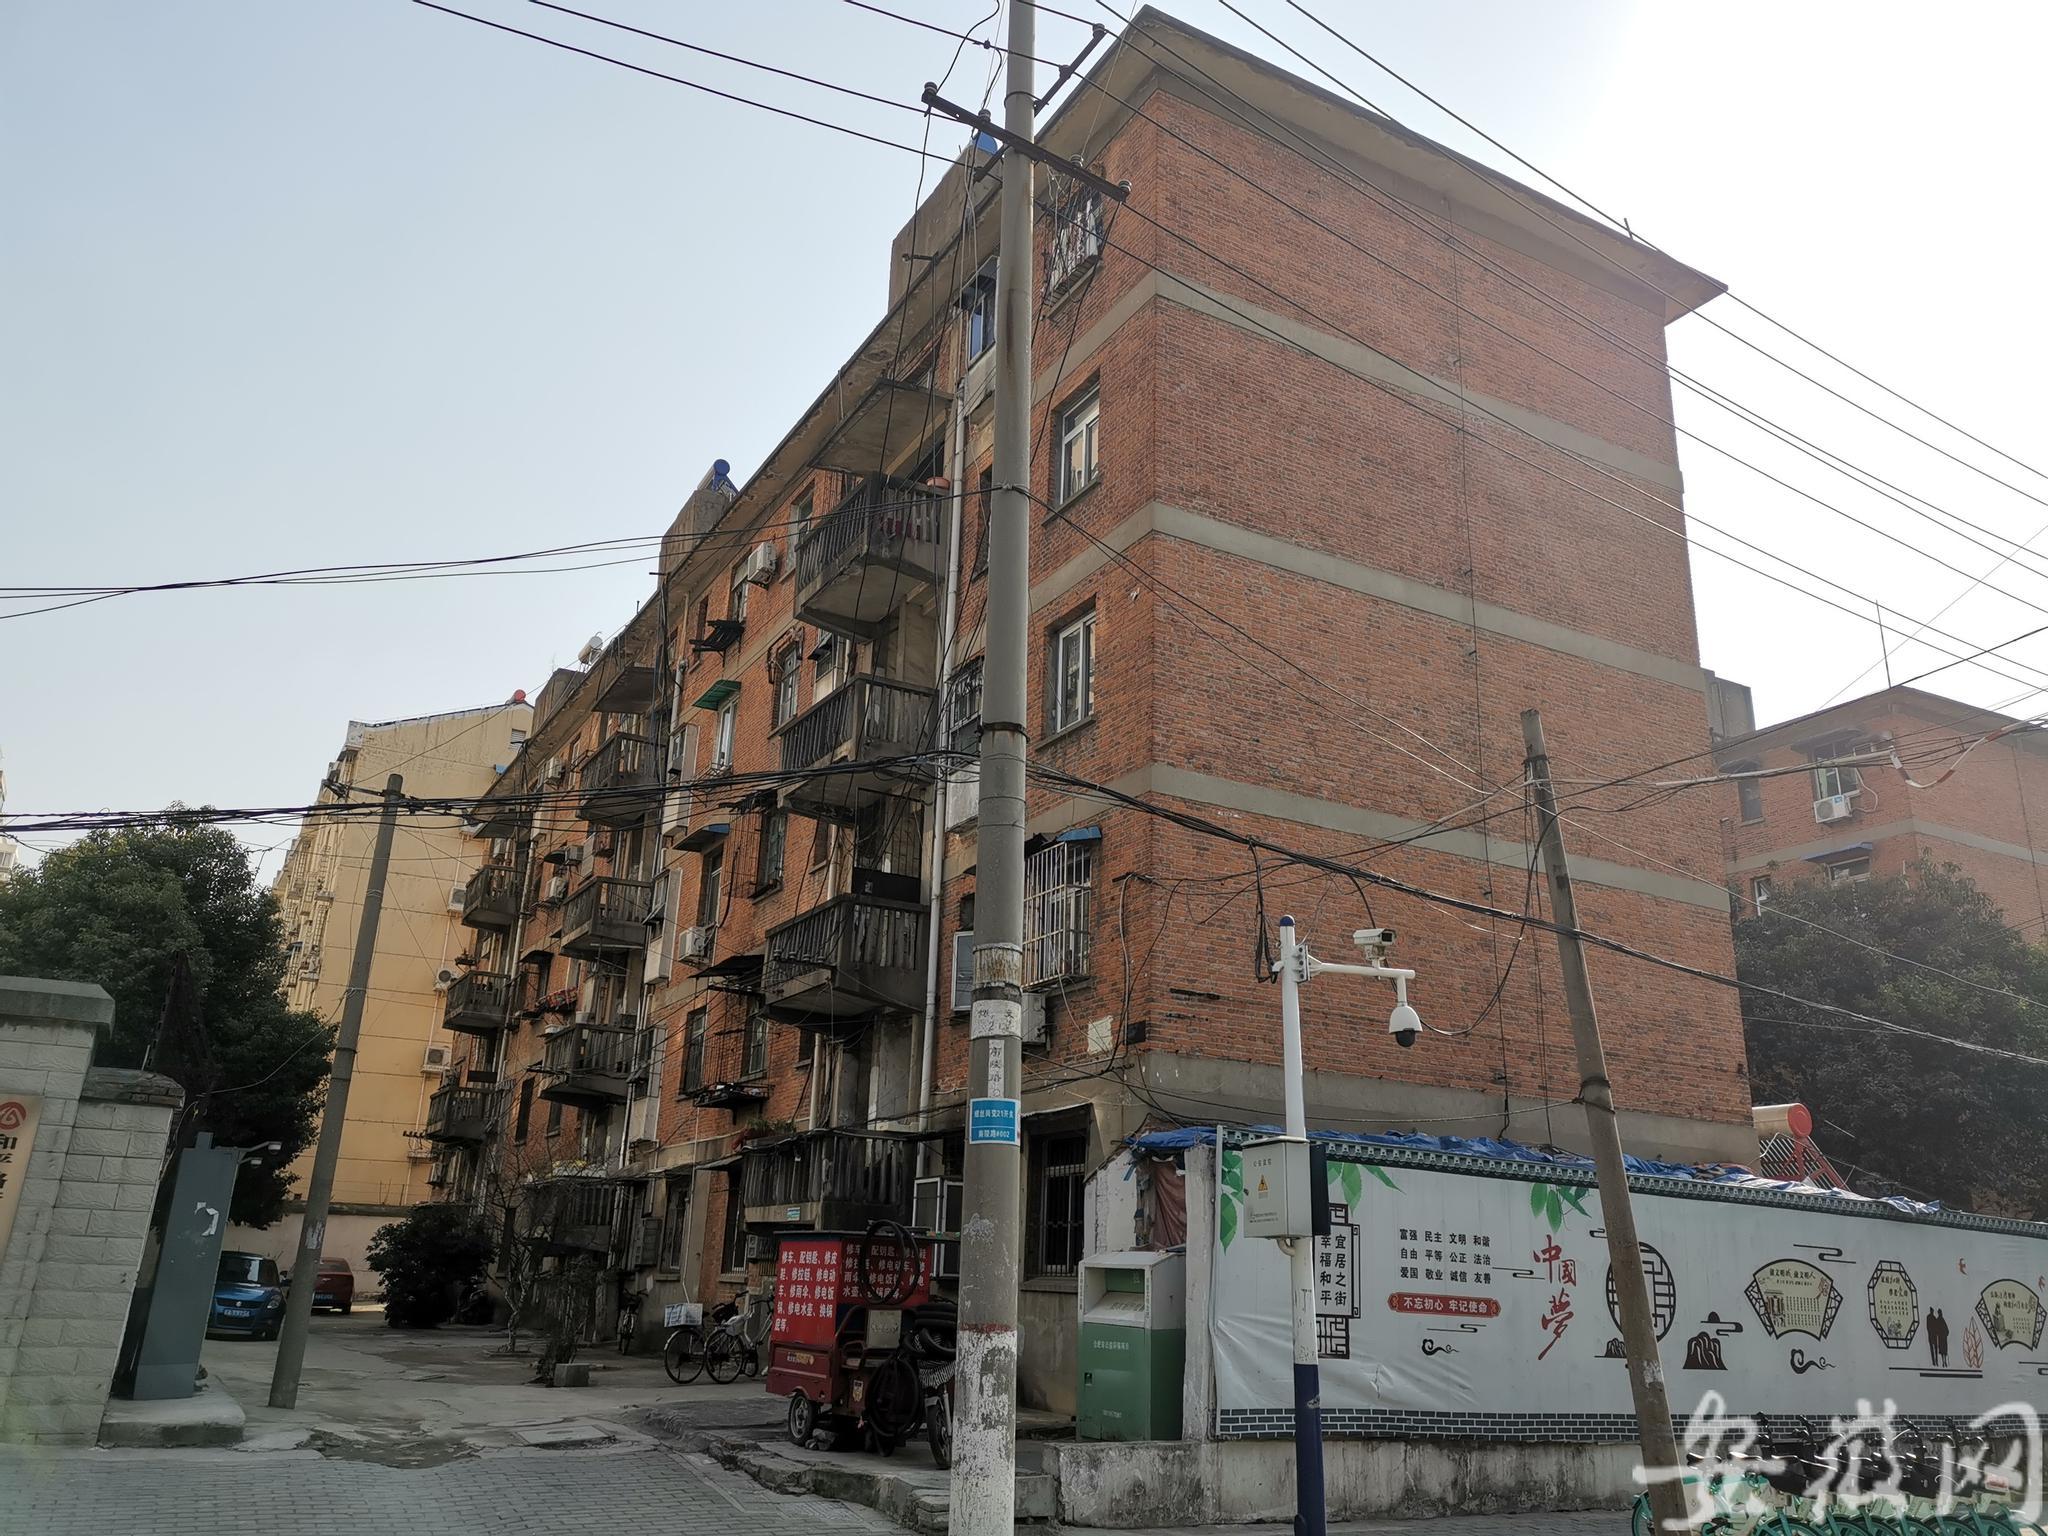 安徽合肥一老旧红楼内现两具男尸,警方已介入调查